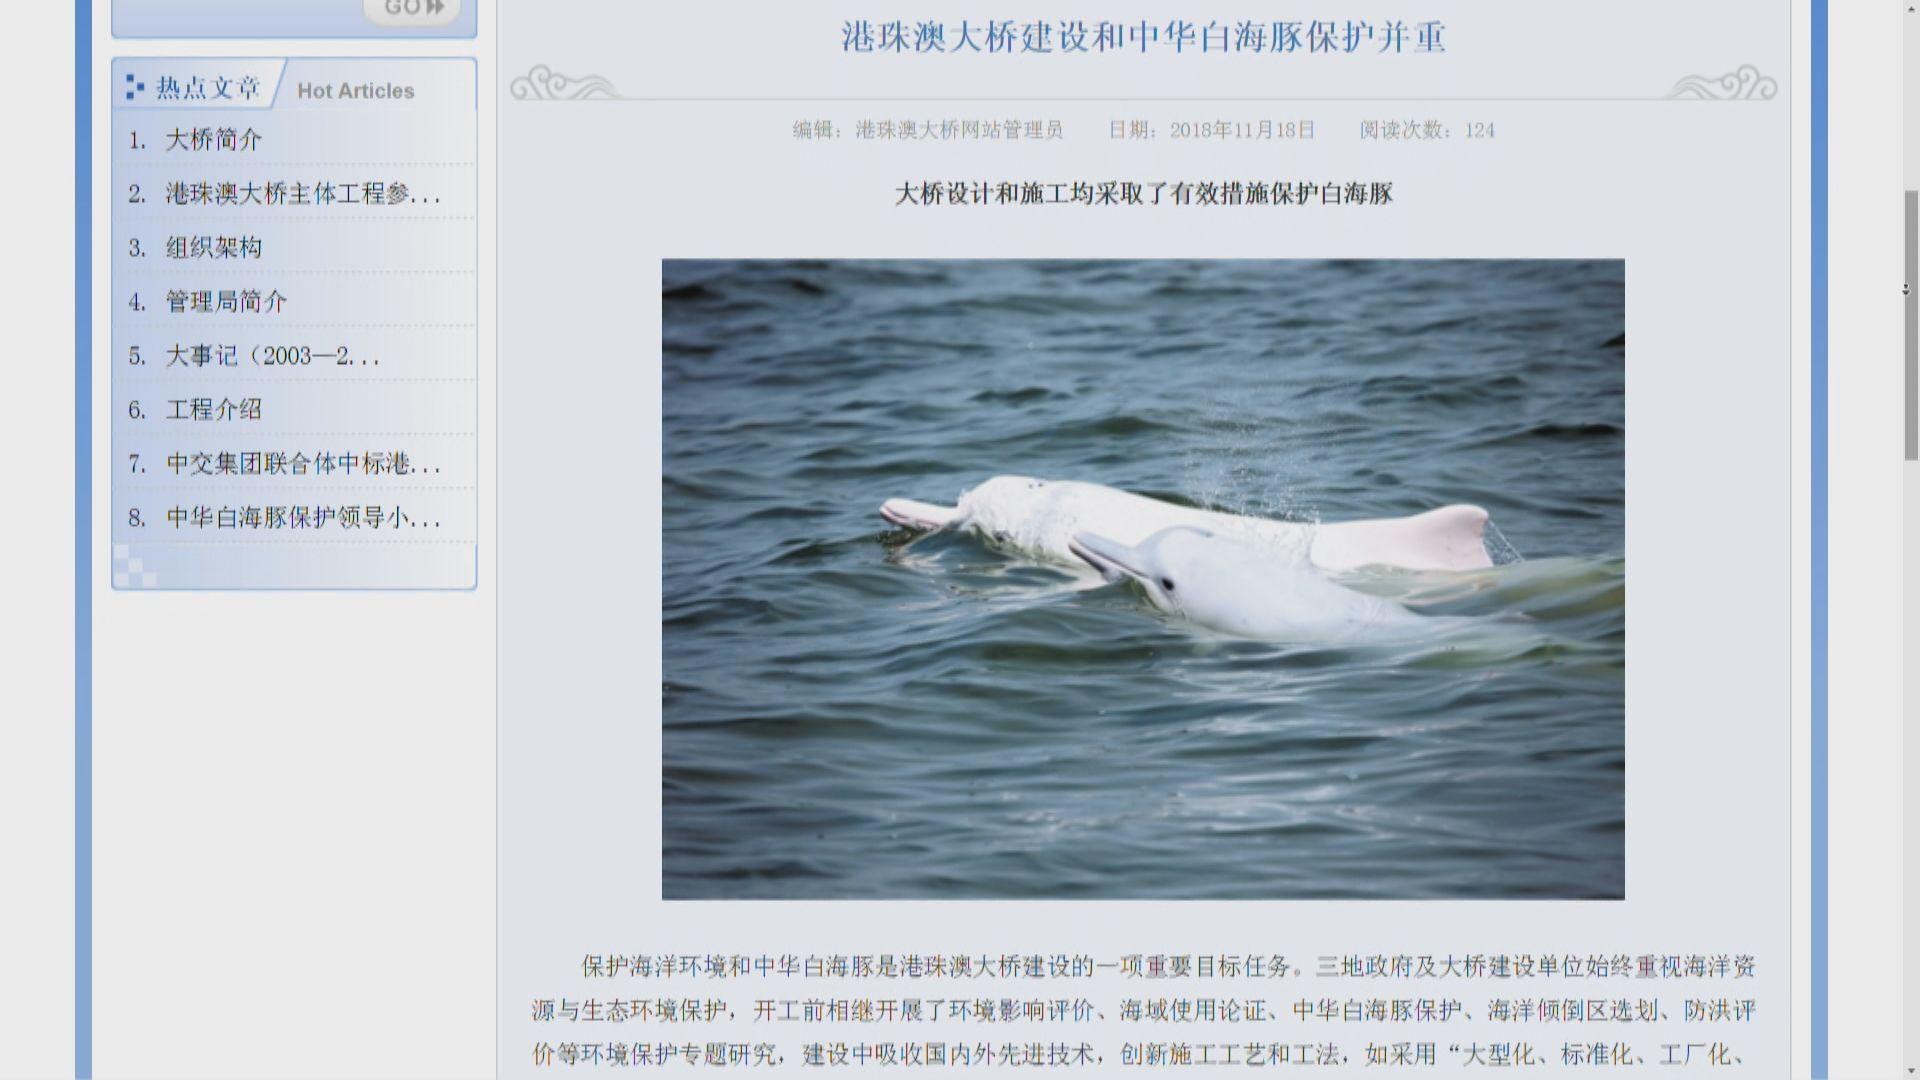 大橋管理局公布中華白海豚13年來少近兩成